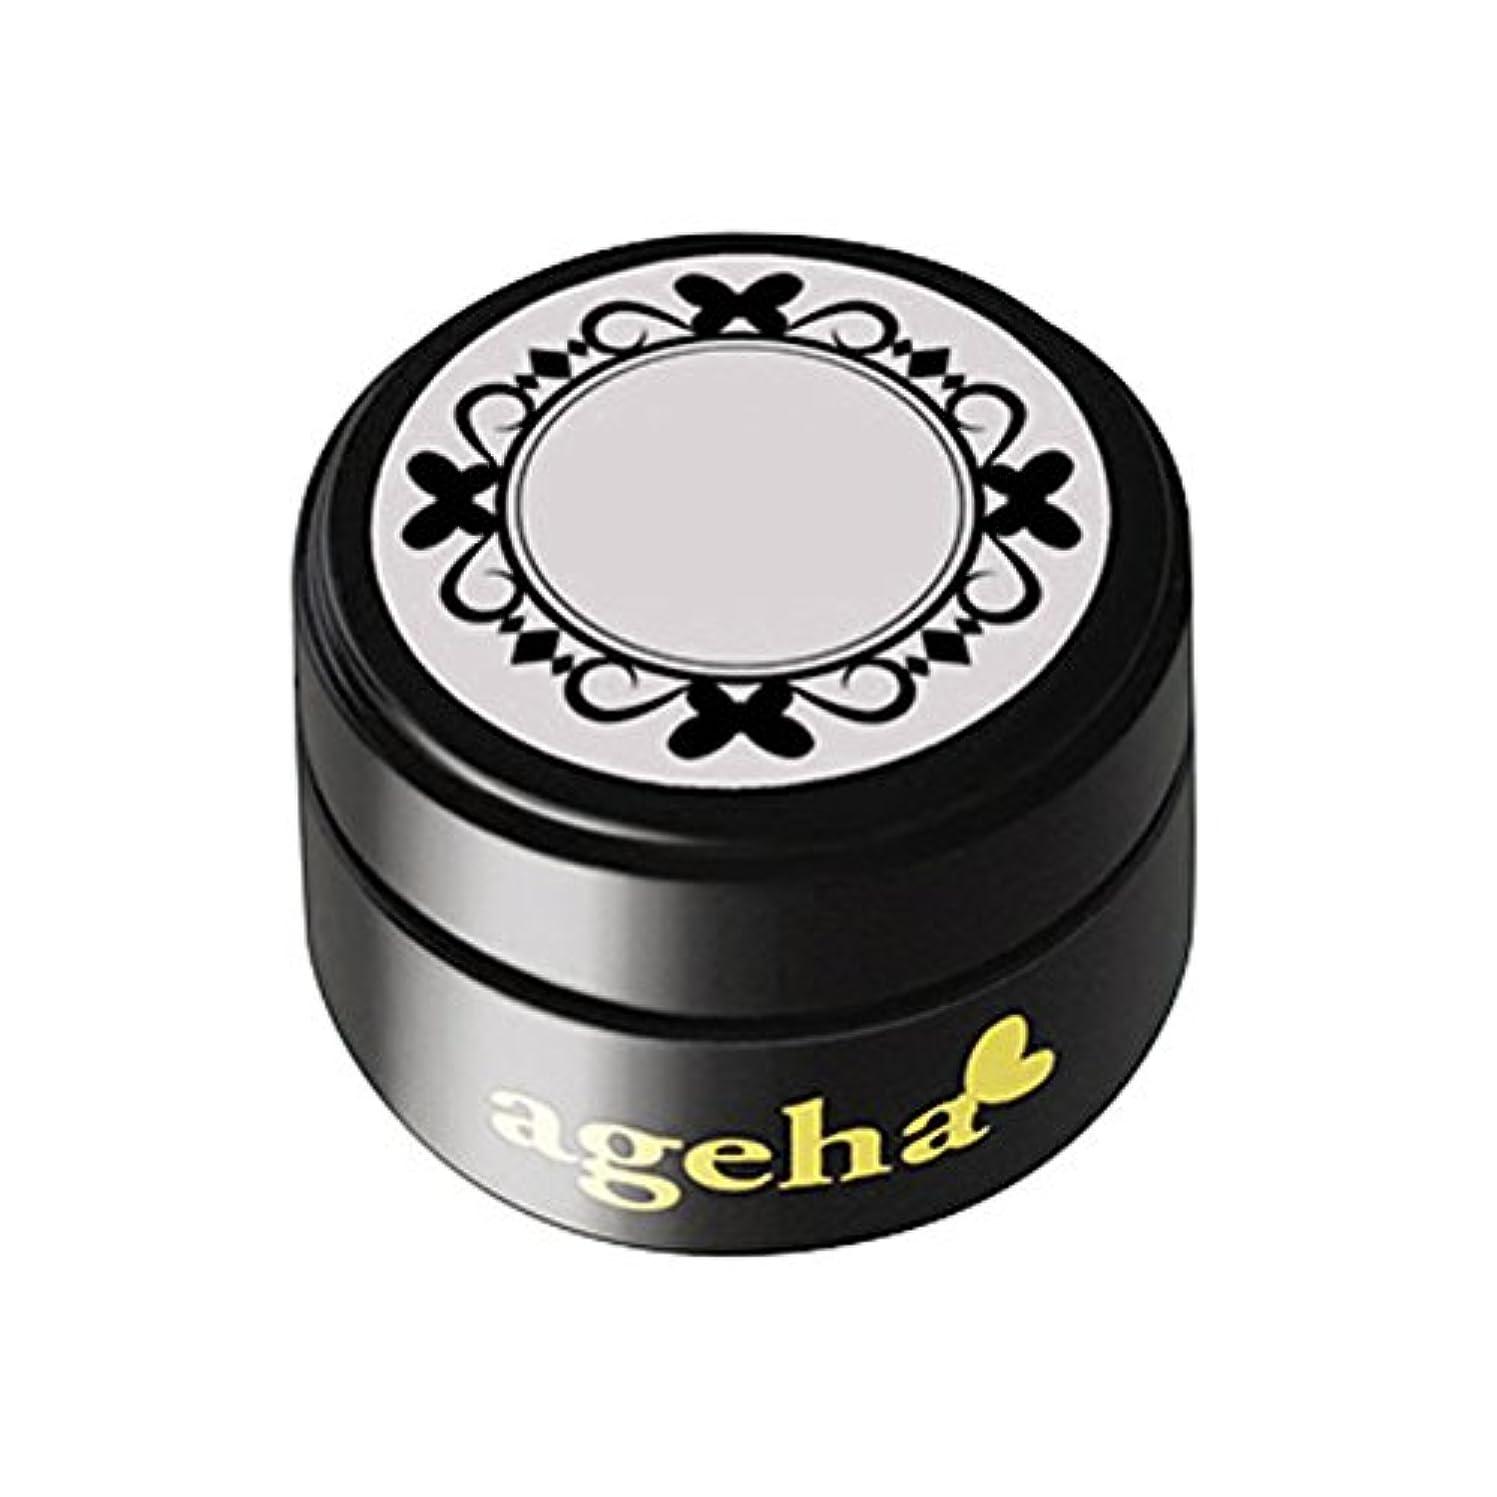 放課後バルコニー適応するageha gel カラージェル コスメカラー 101 ウォルナット 2.7g UV/LED対応